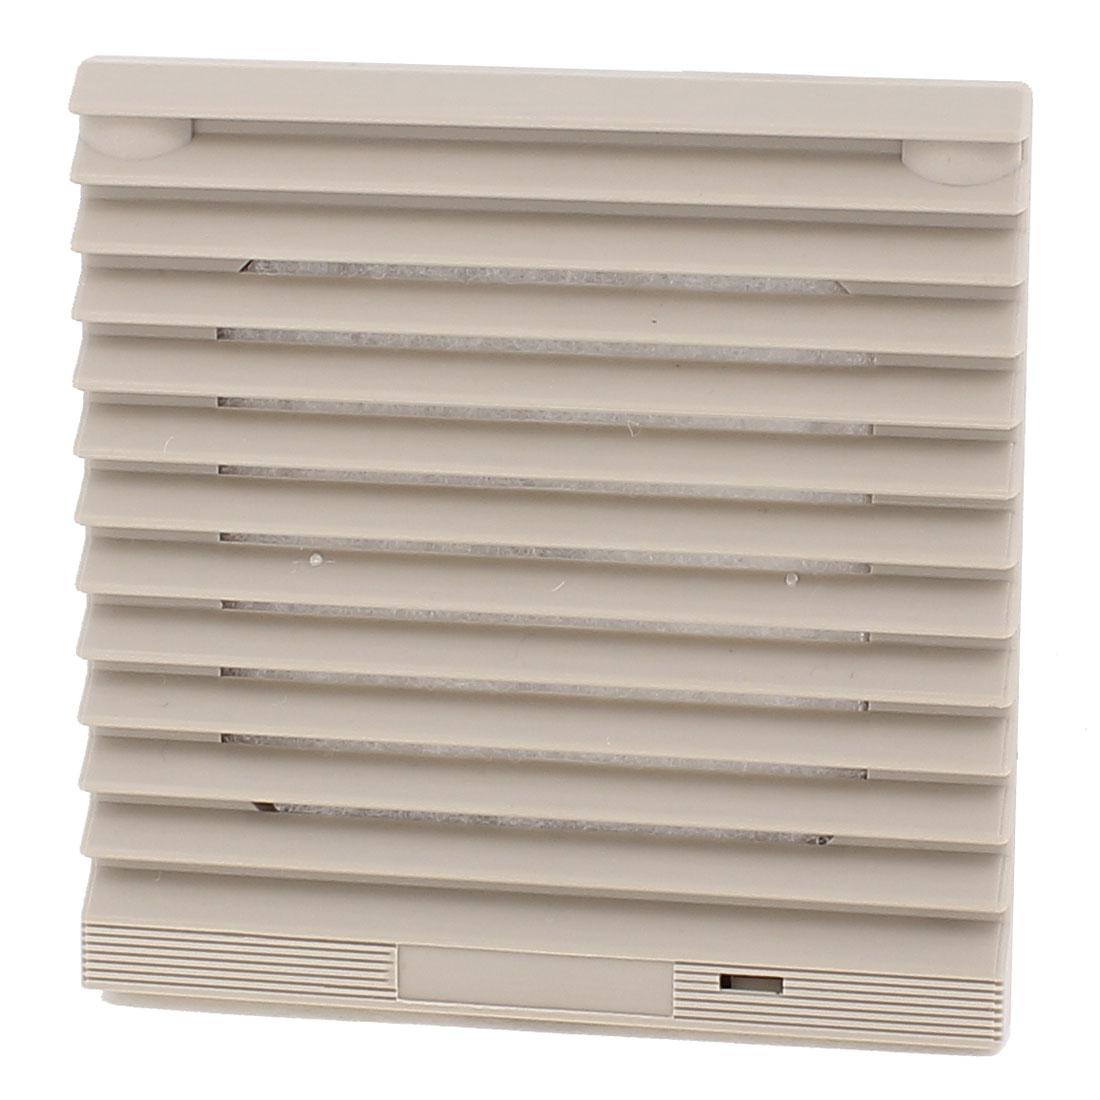 116mm x 116mm Gray Plastic Cabinet Washable Axial Flow Fan Foam Dust Filter